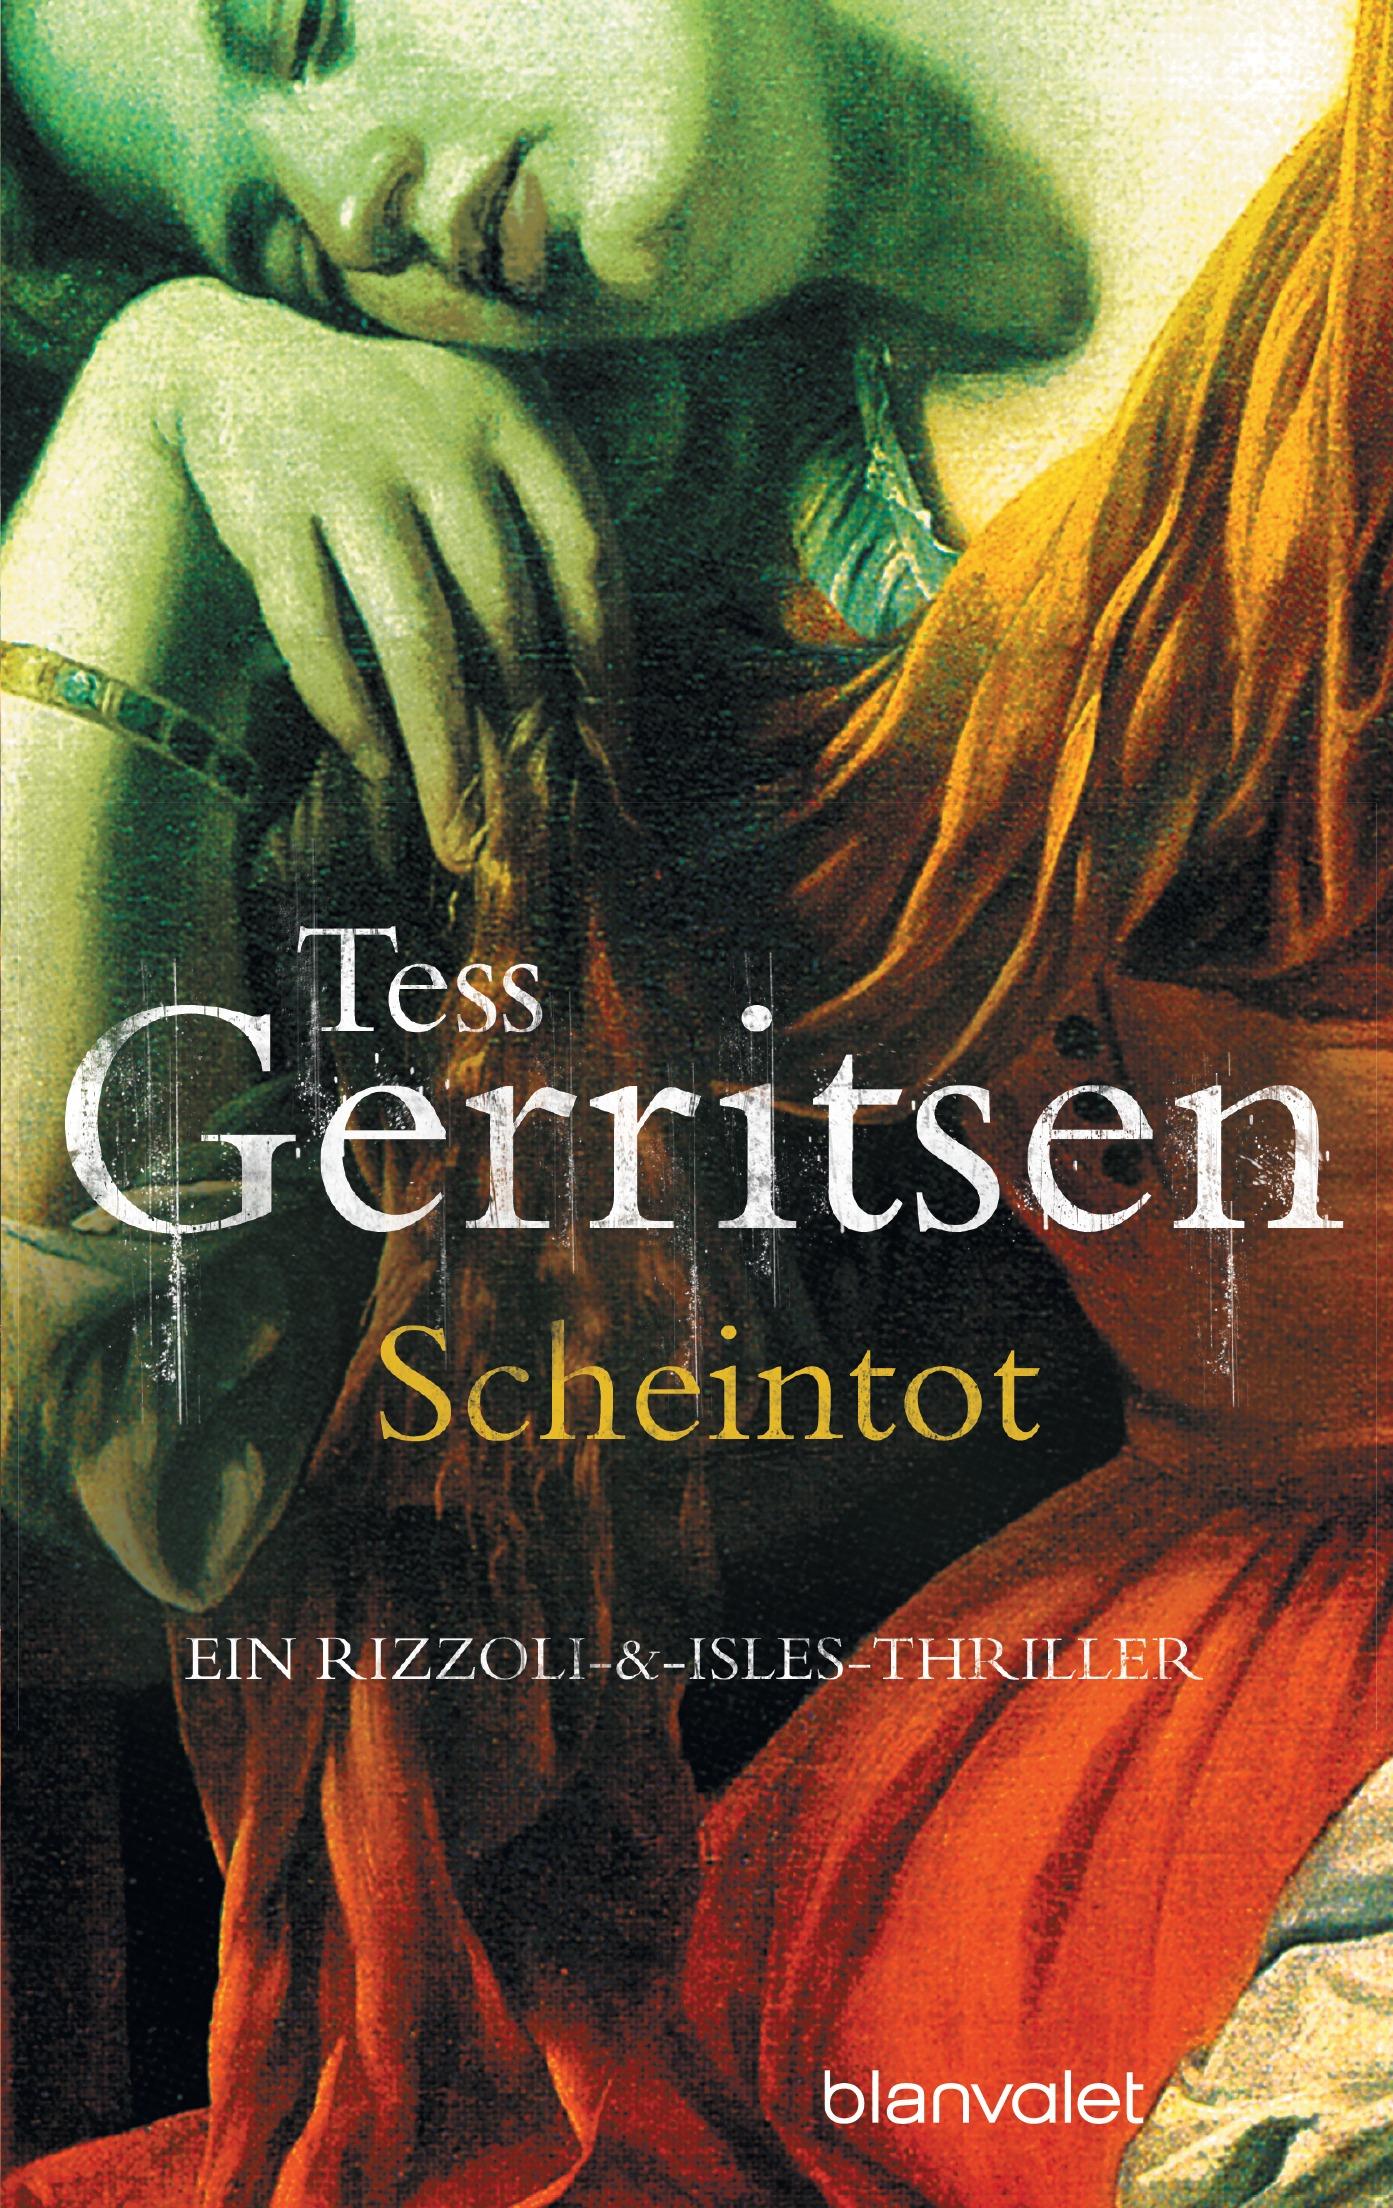 Scheintot - Tess Gerritsen